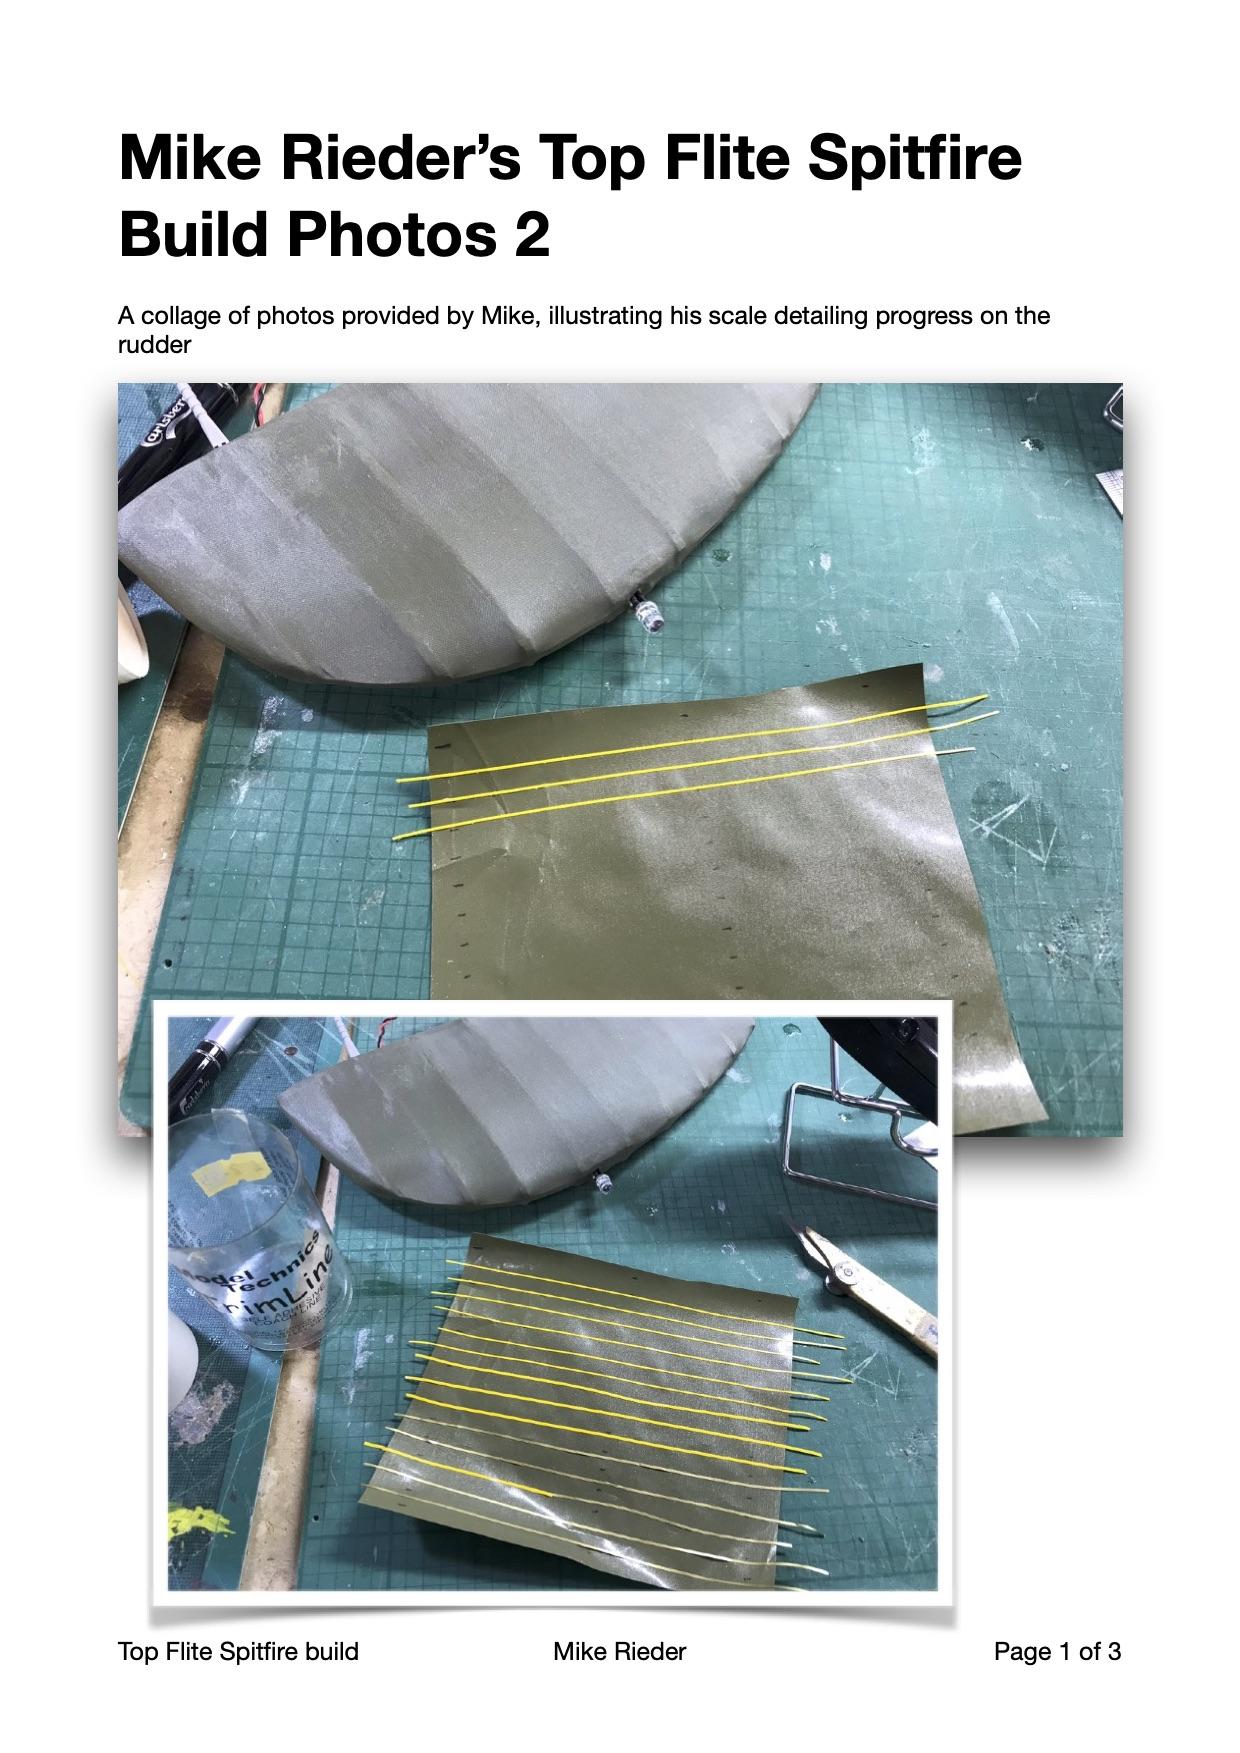 Mike Rieder Spitfire Rudder Detailing